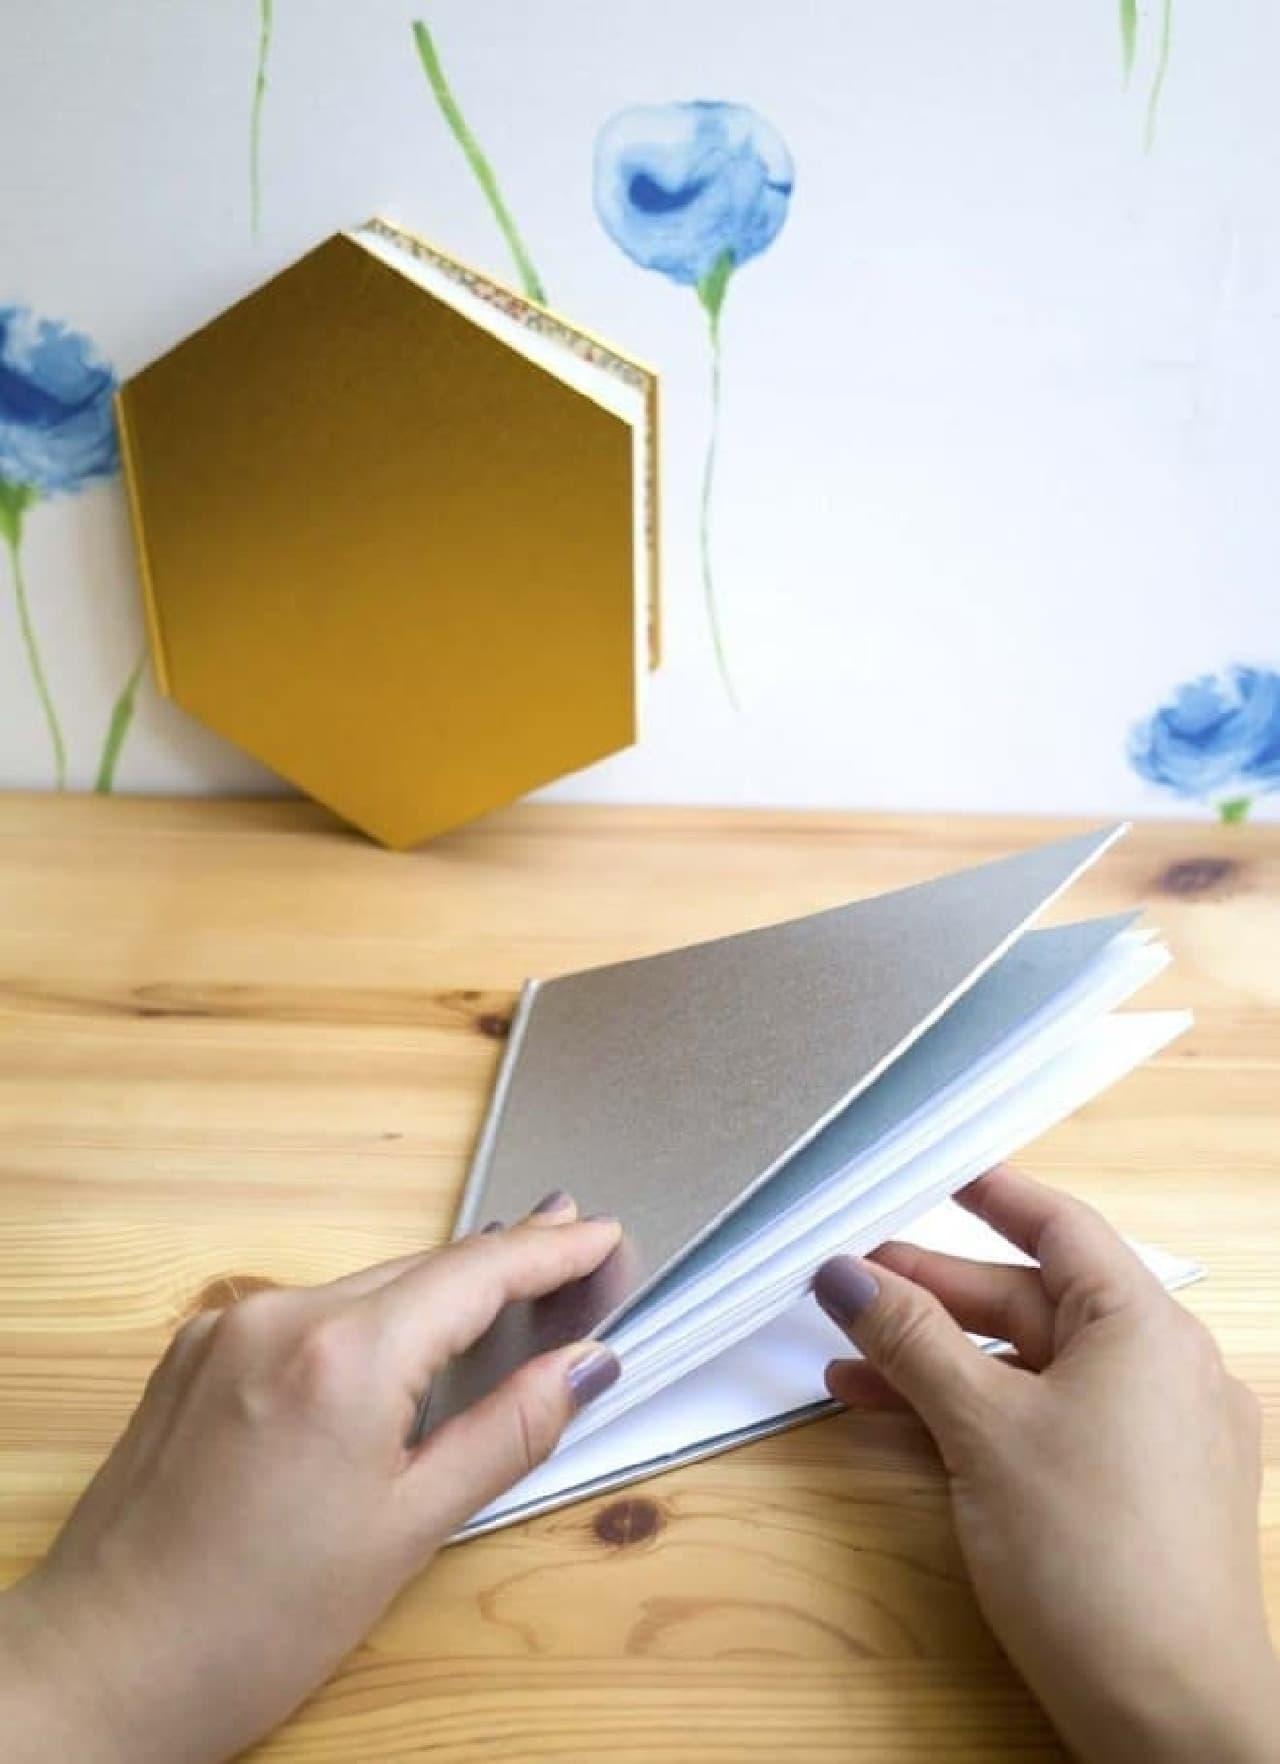 「四角四面」でなく、とんがった発想の子どもができる?